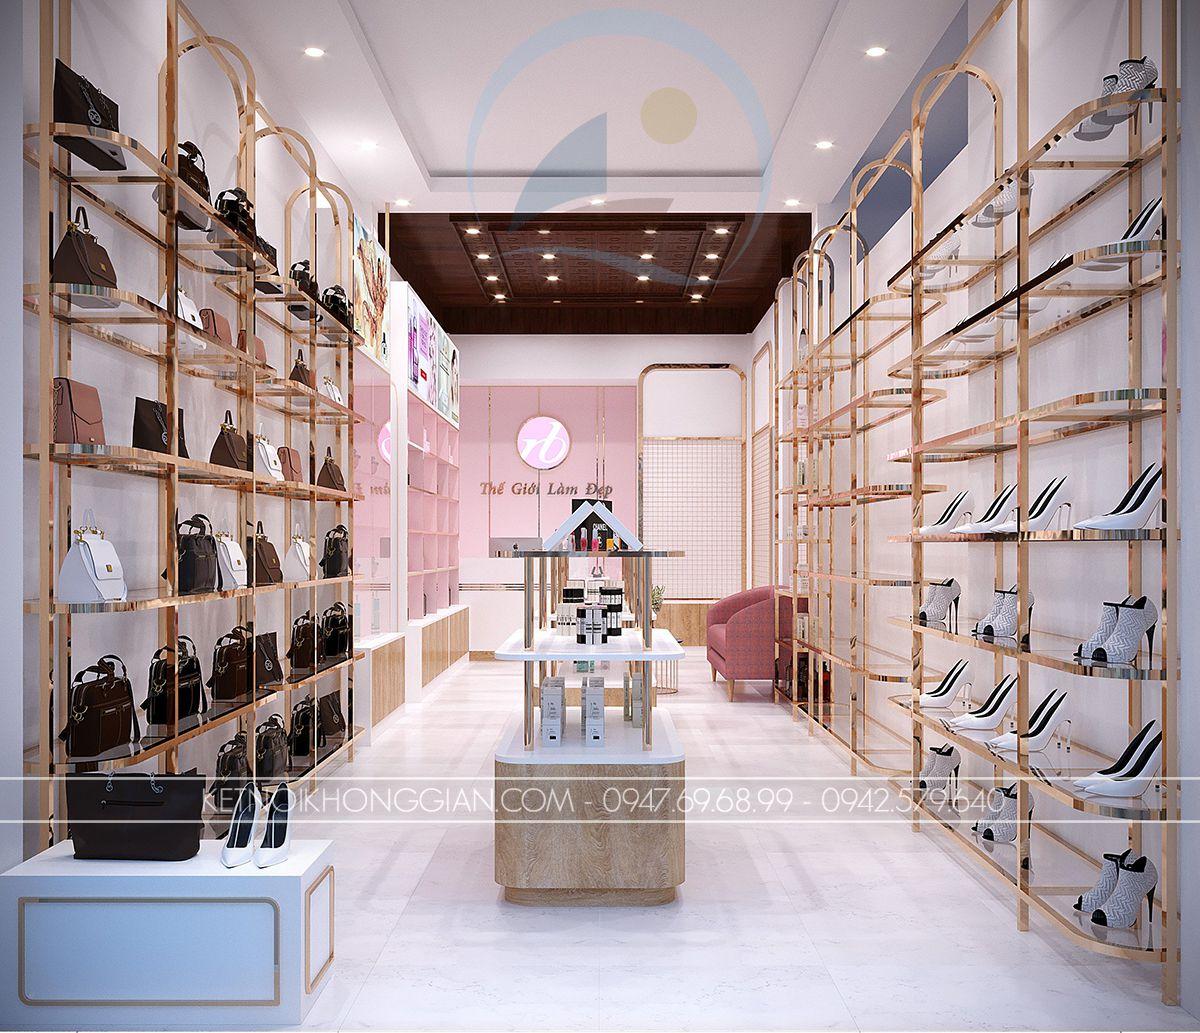 thiết kế shop giày dép túi xách